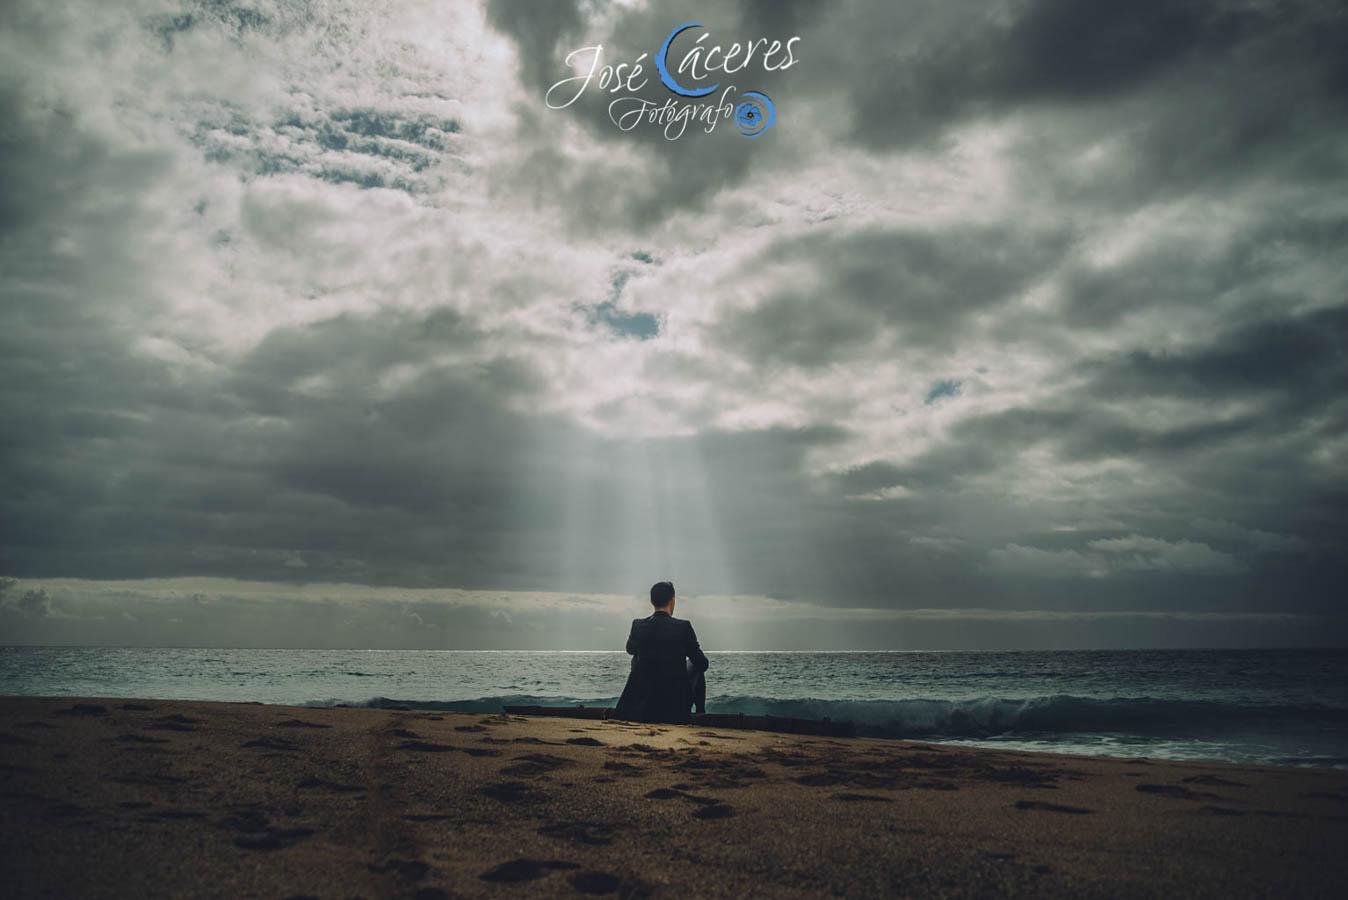 Sesion fotografica de jose caceres fotografia, post boda leticia y jose luis, playas-12